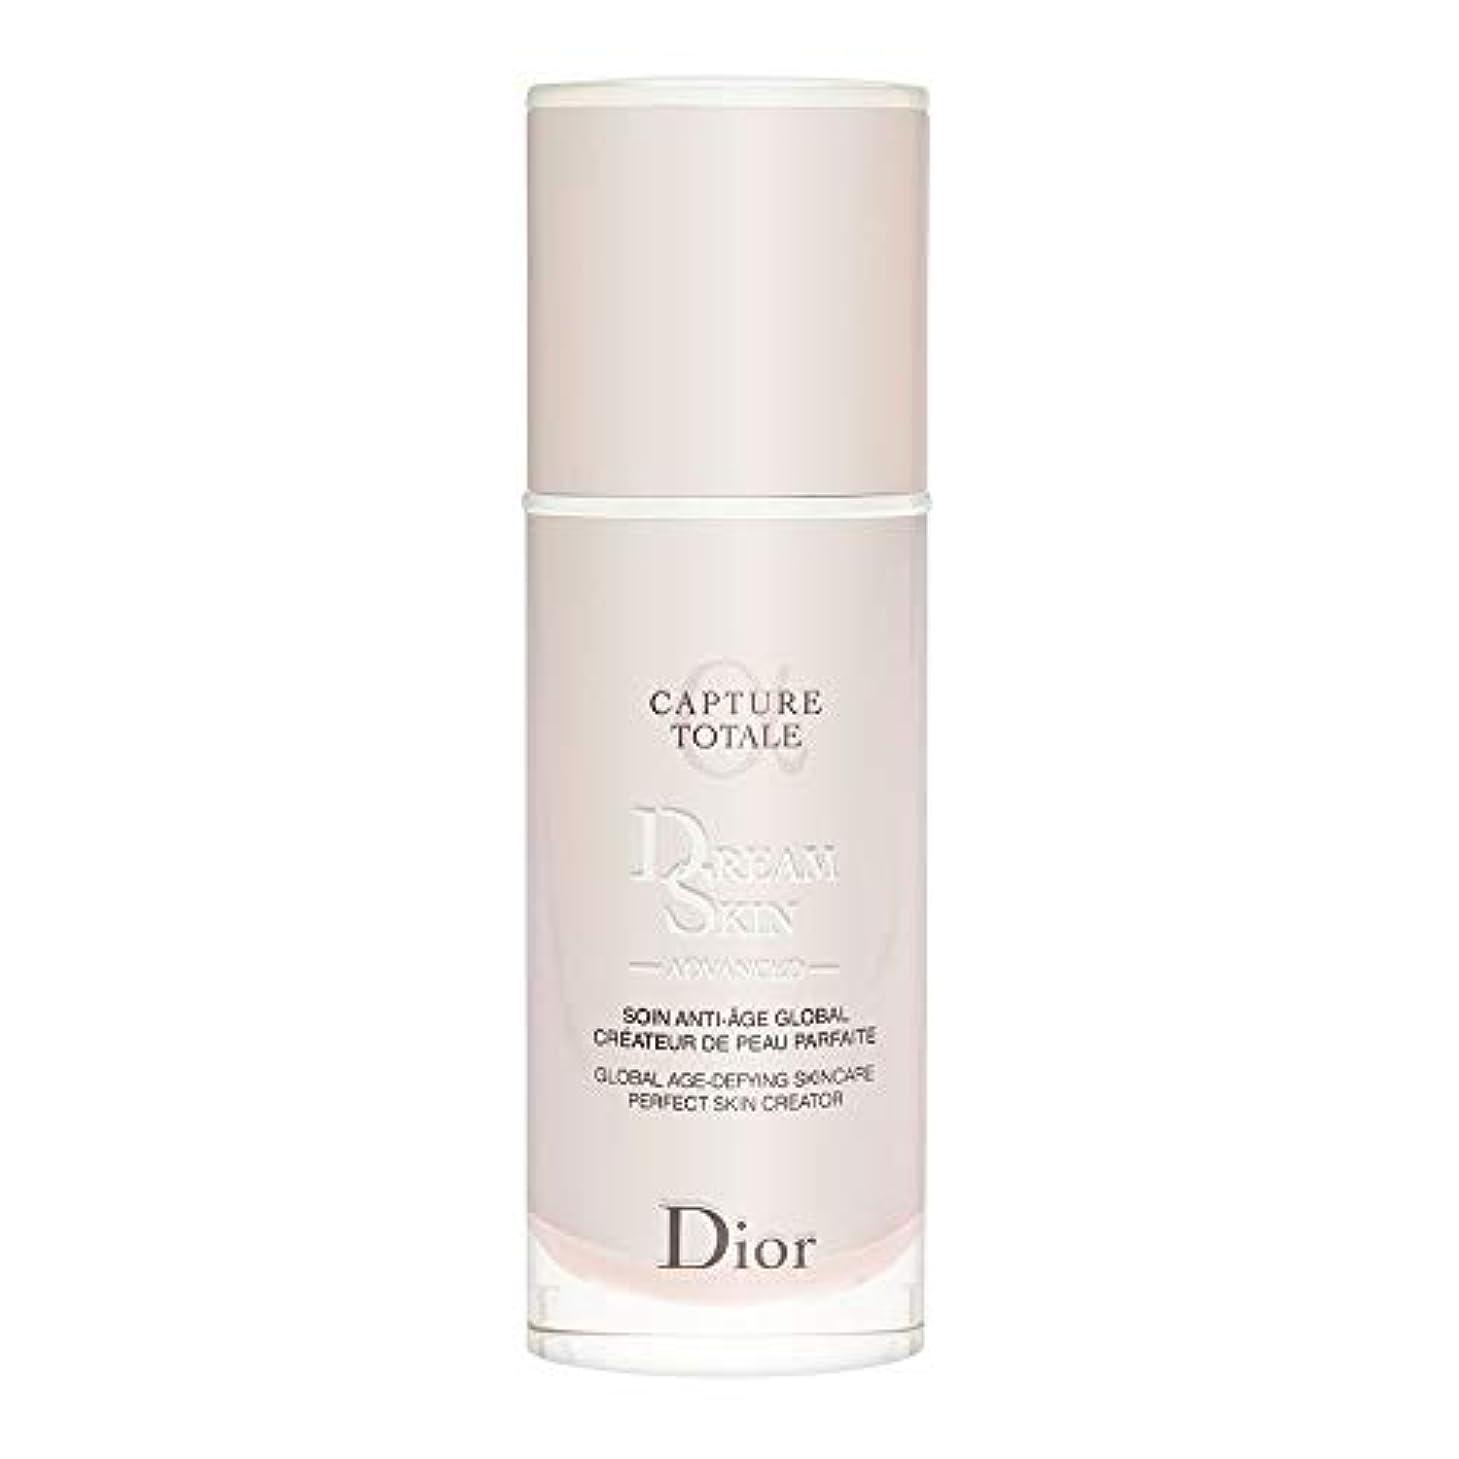 クリスチャン ディオール(Christian Dior) カプチュール トータル ドリームスキン アドバンスト 50ml[並行輸入品]